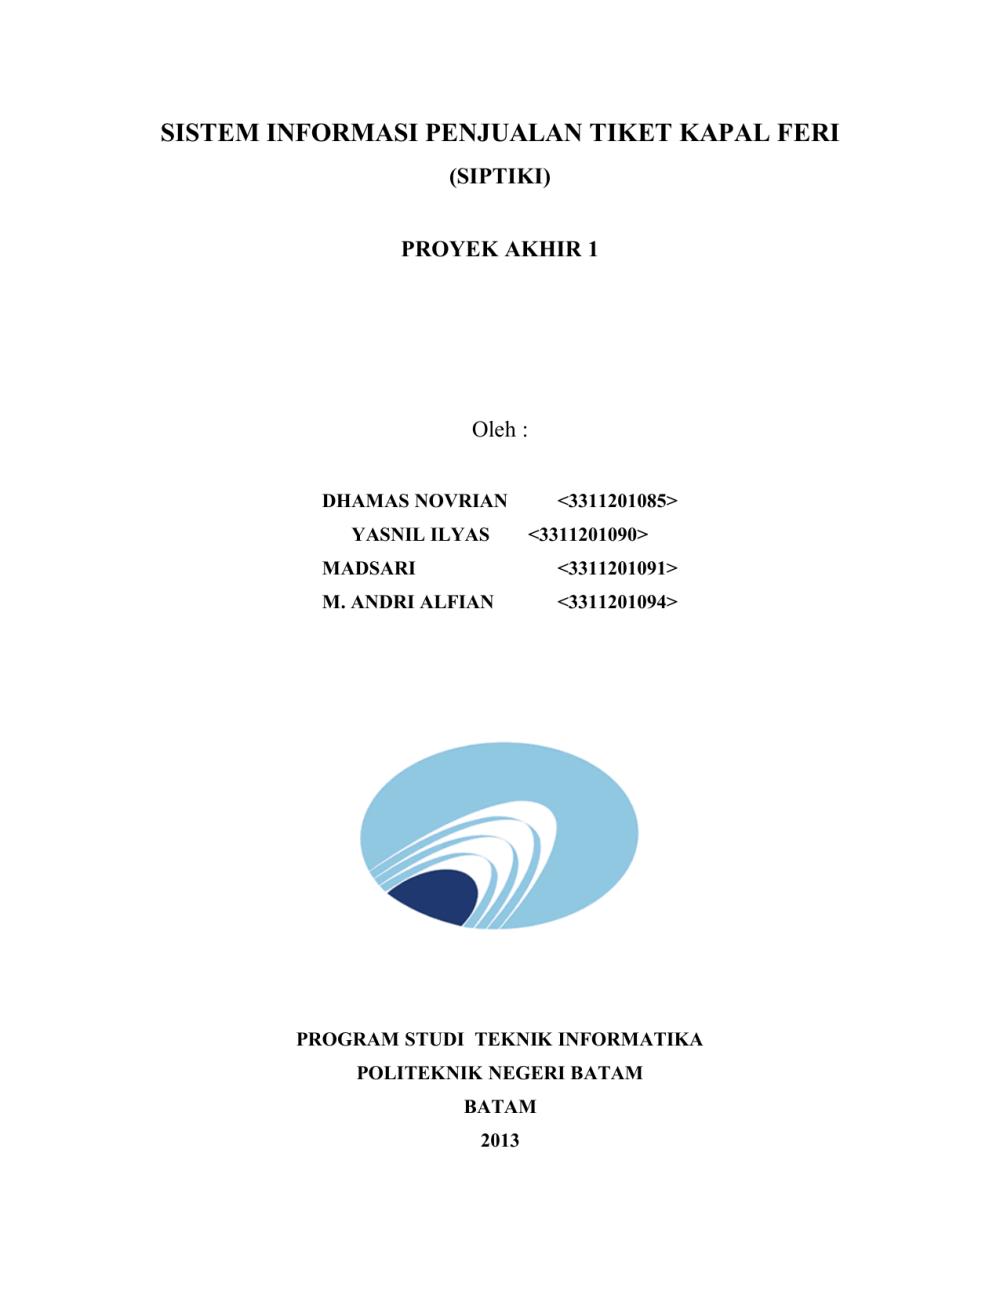 medium resolution of sistem informasi penjualan tiket kapal feri siptiki proyek akhir 1 oleh dhamas novrian yasnil ilyas 3311201085 3311201090 madsari 3311201091 m